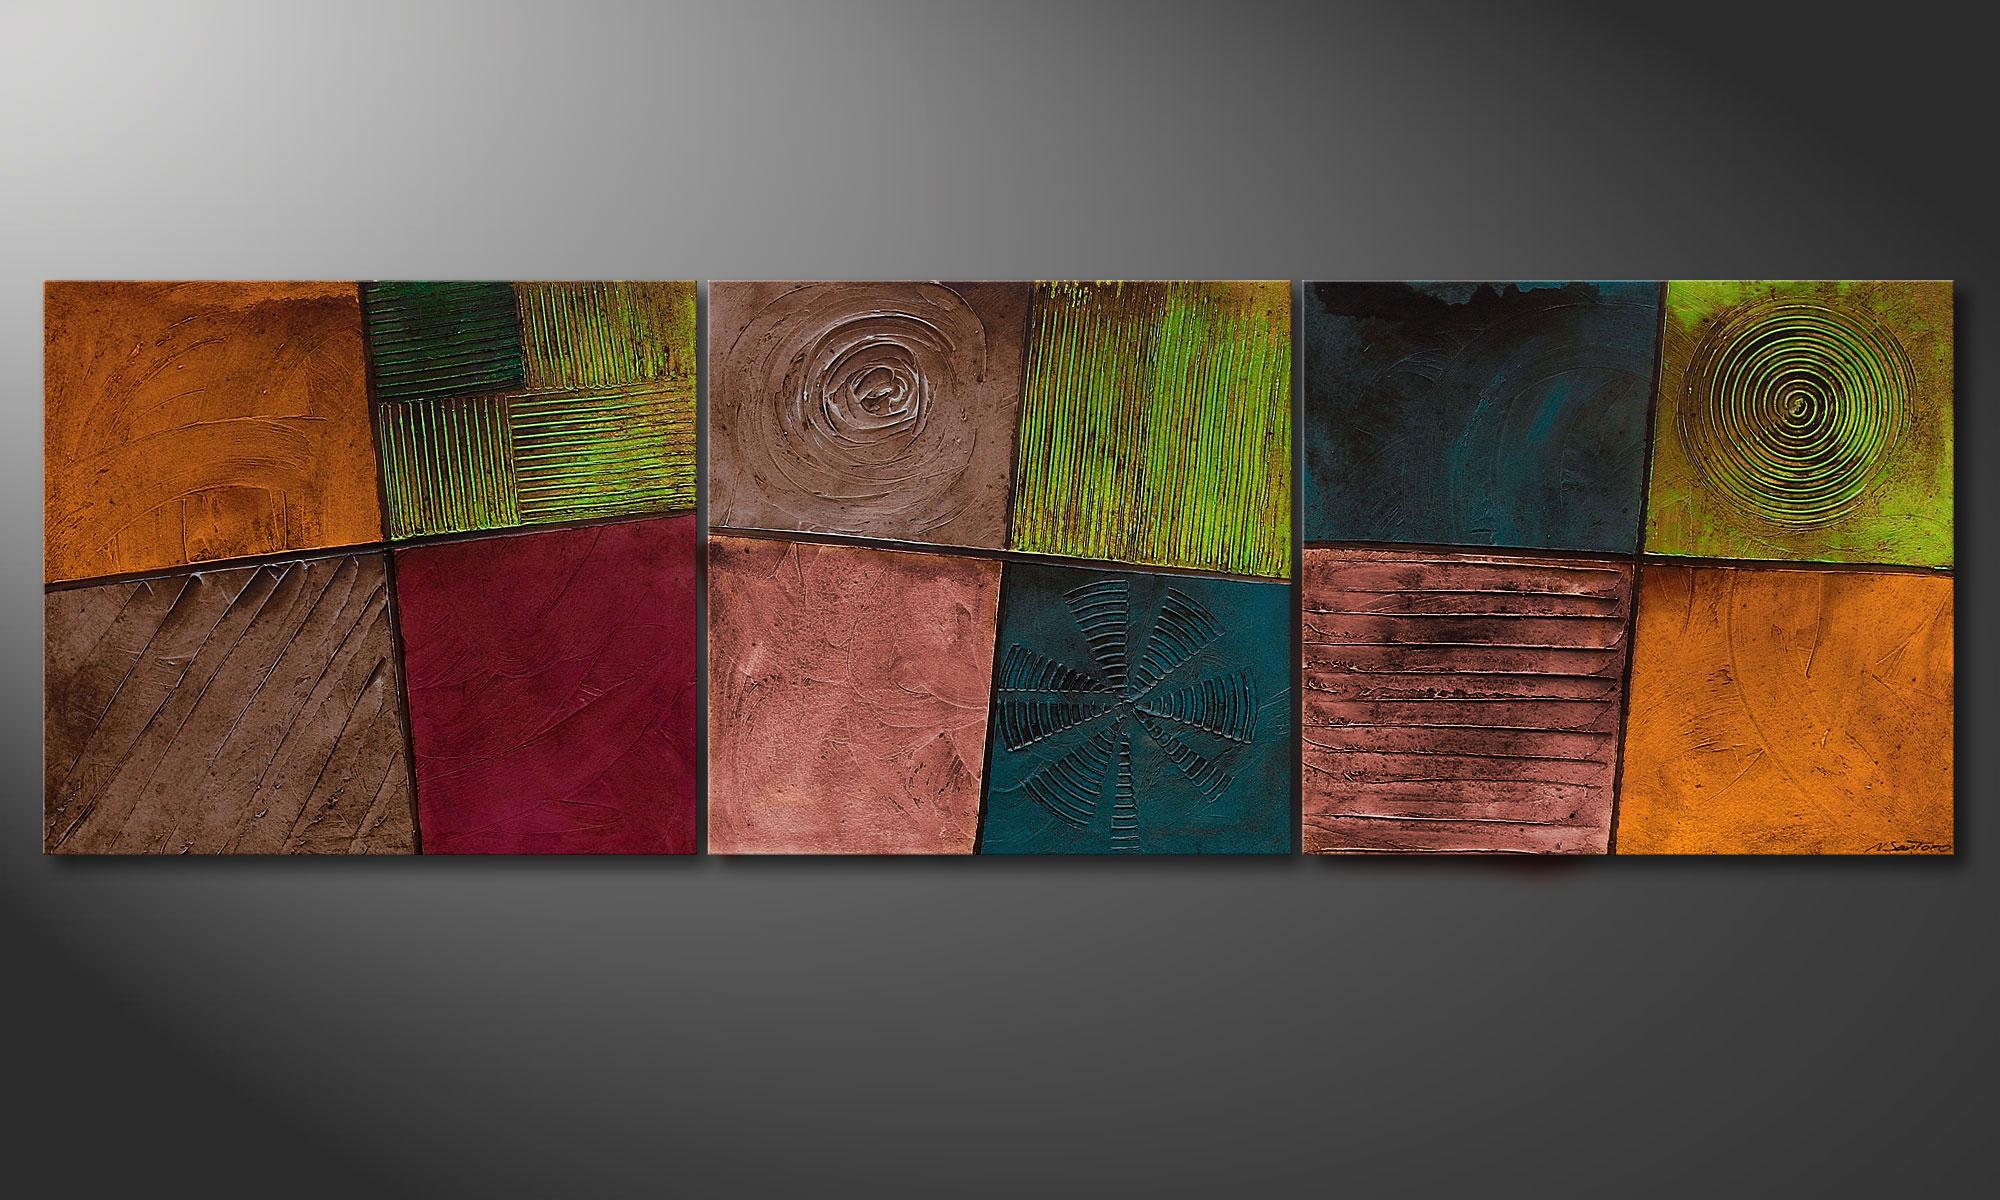 la peinture pour salon facets of life 260x80cm tableaux xxl. Black Bedroom Furniture Sets. Home Design Ideas